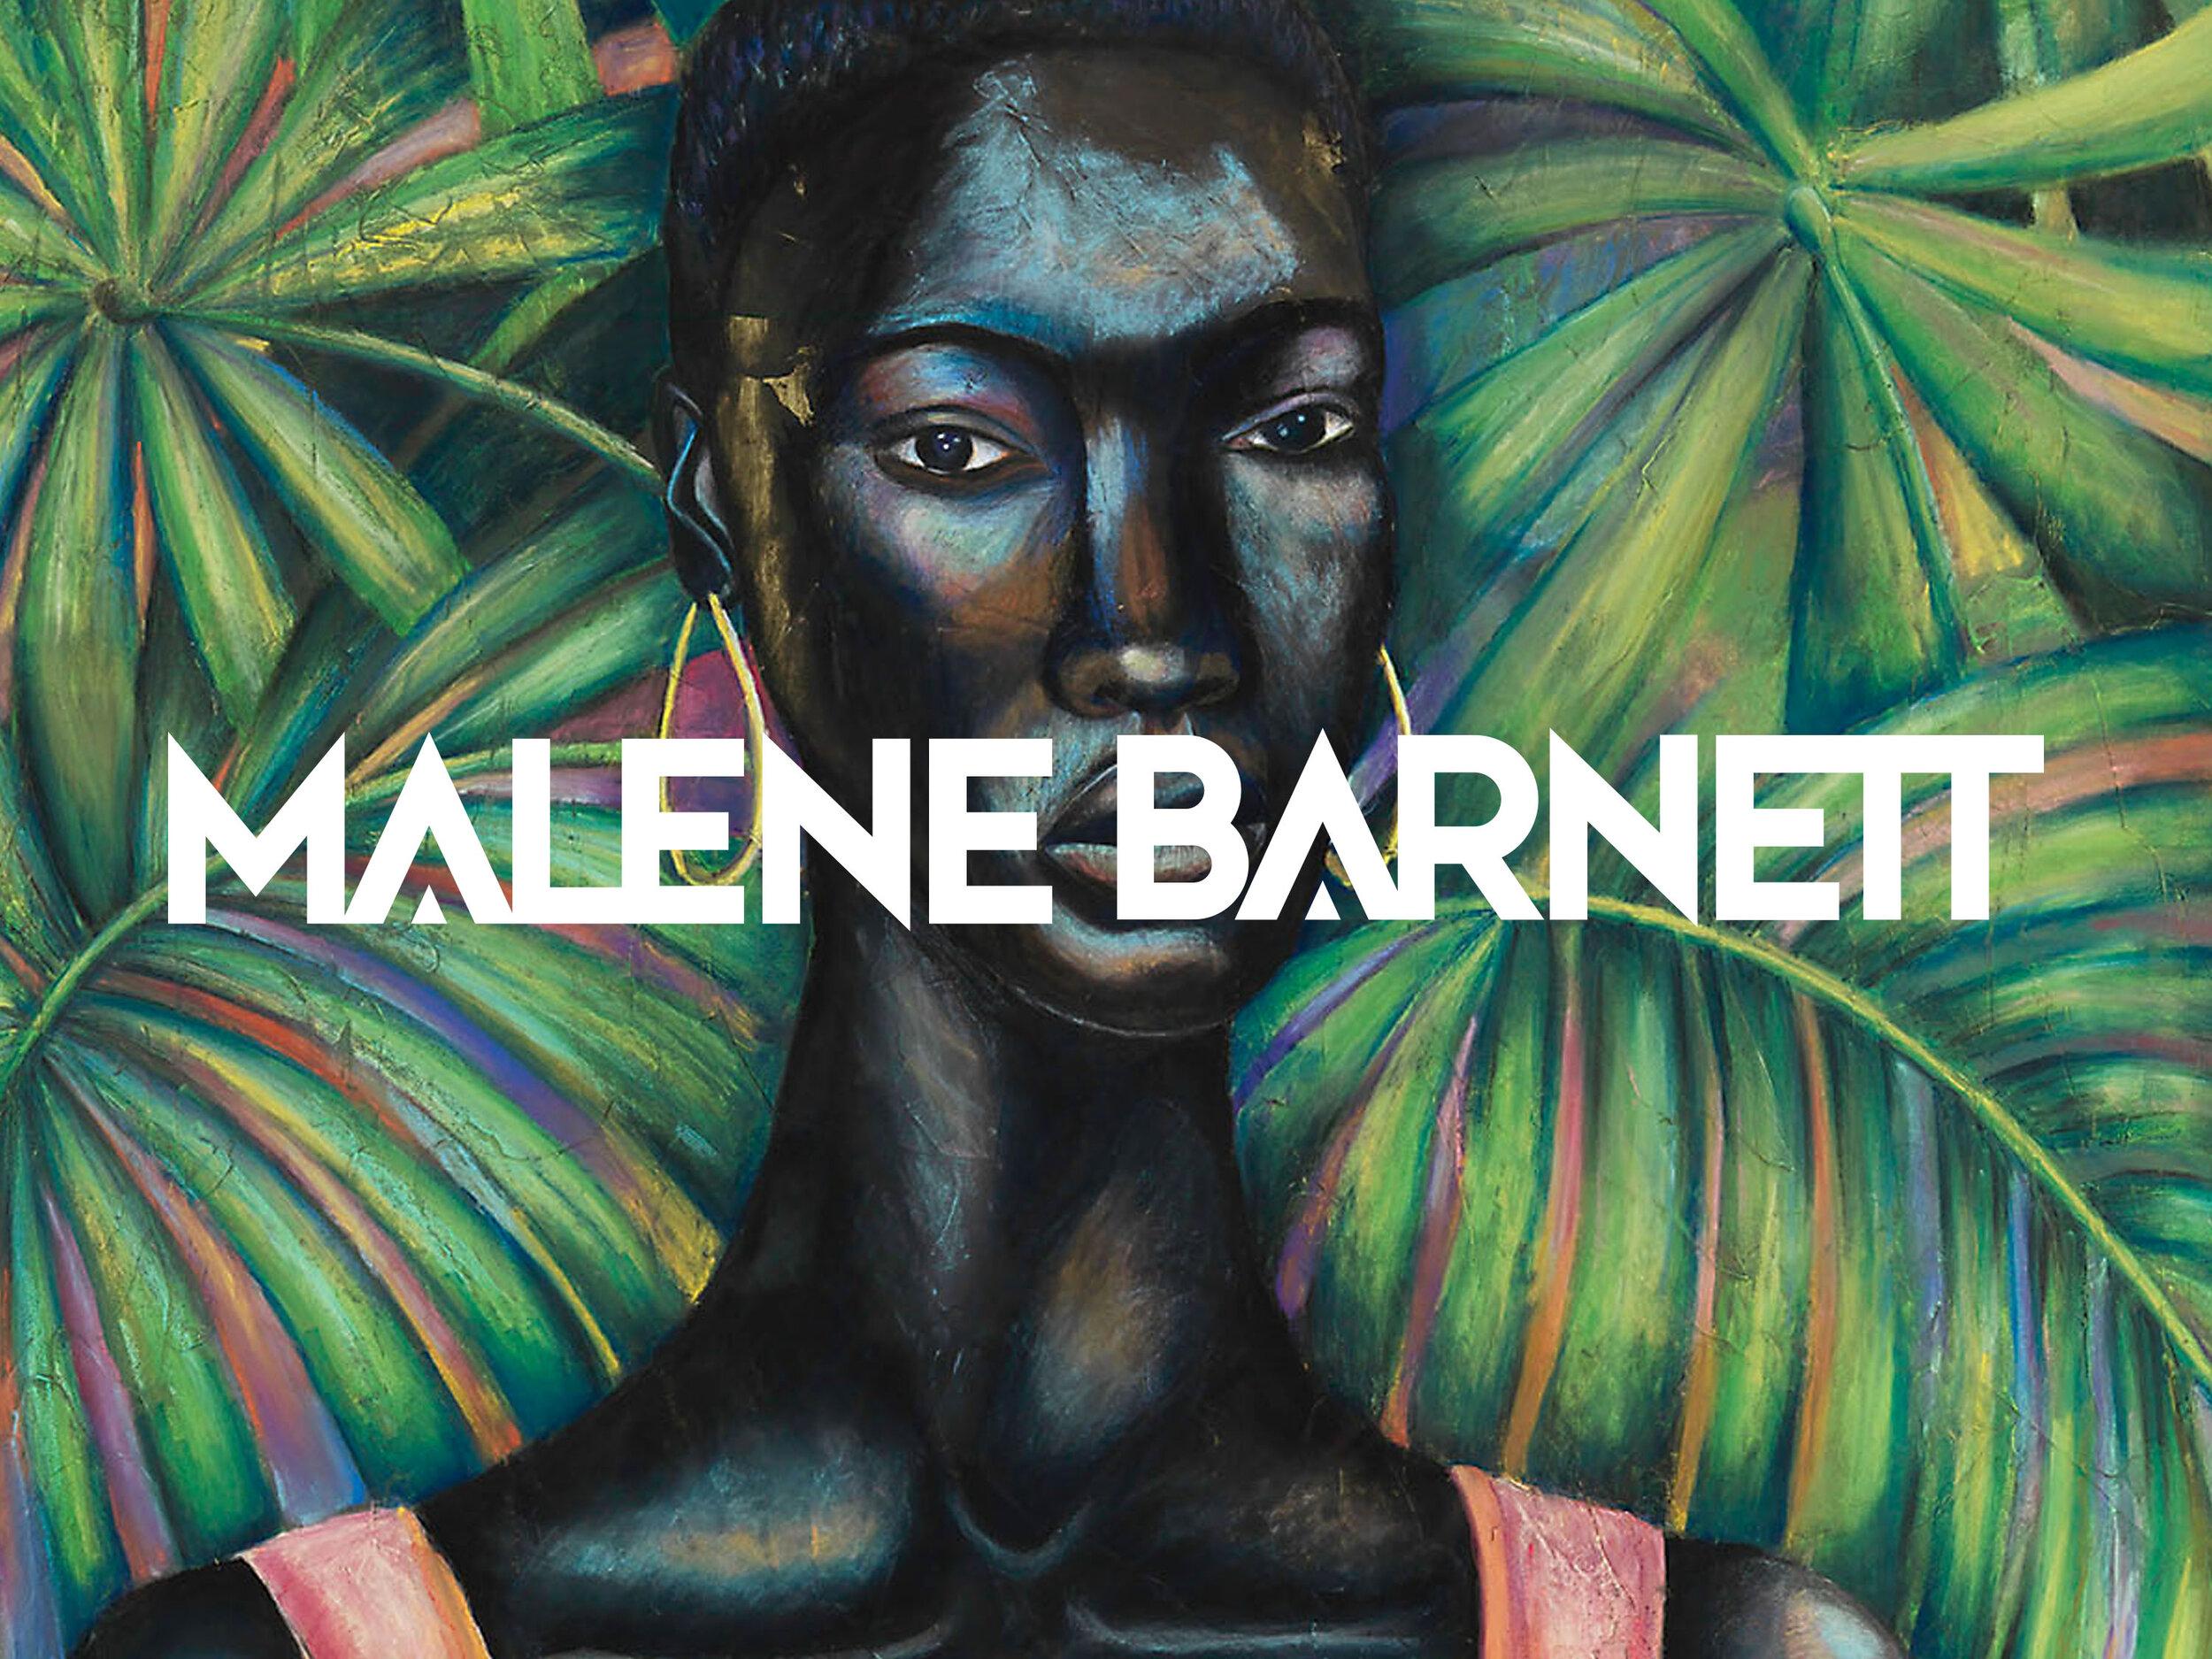 Malene Barnett